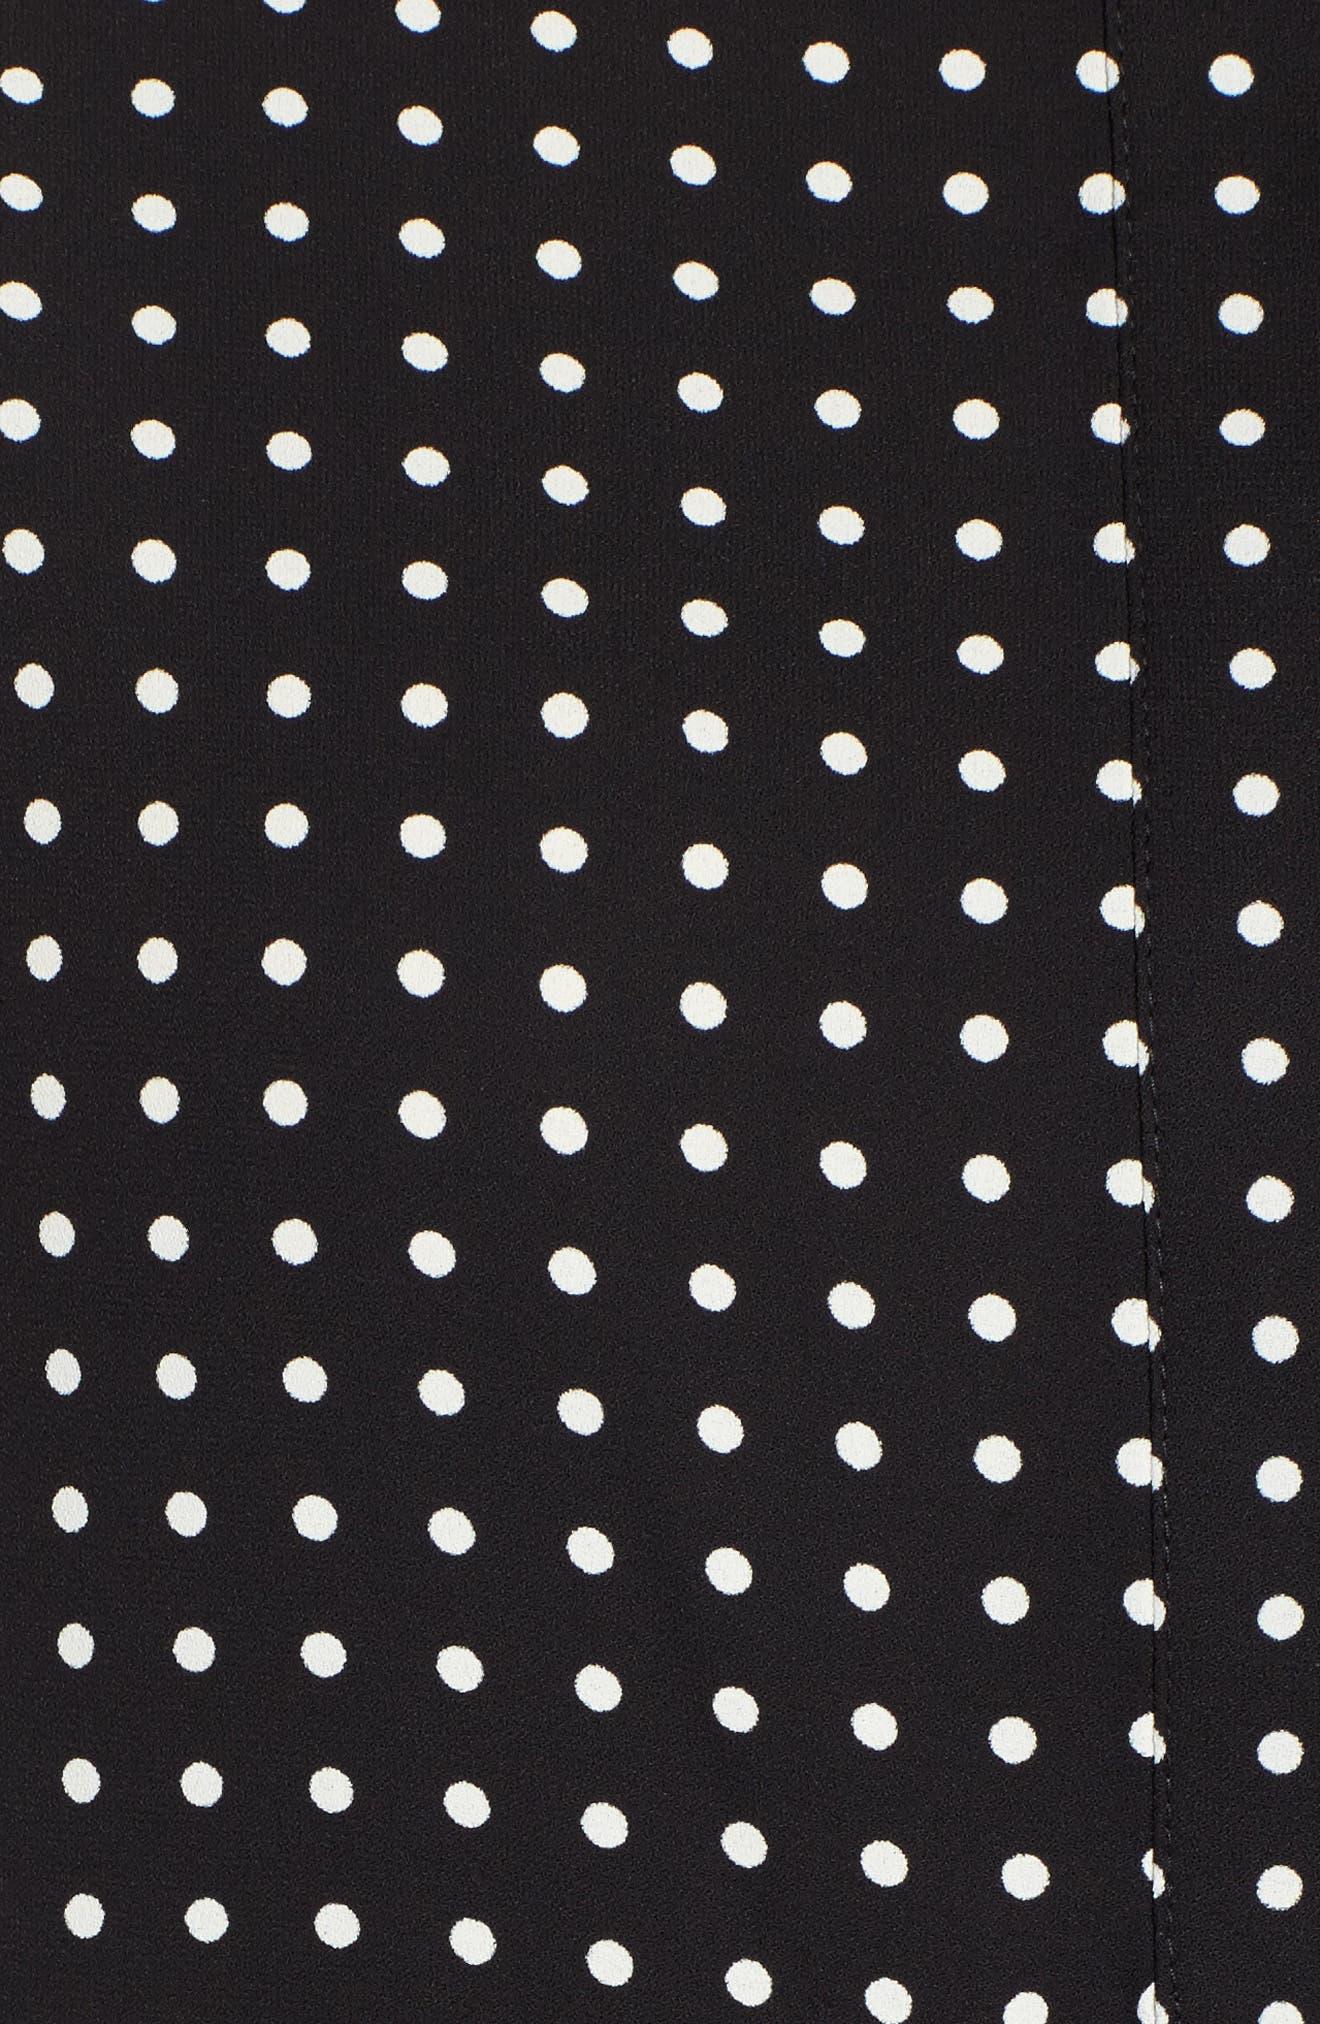 Mixed Dot Print Blouse,                             Alternate thumbnail 5, color,                             BLACK/ WHITE